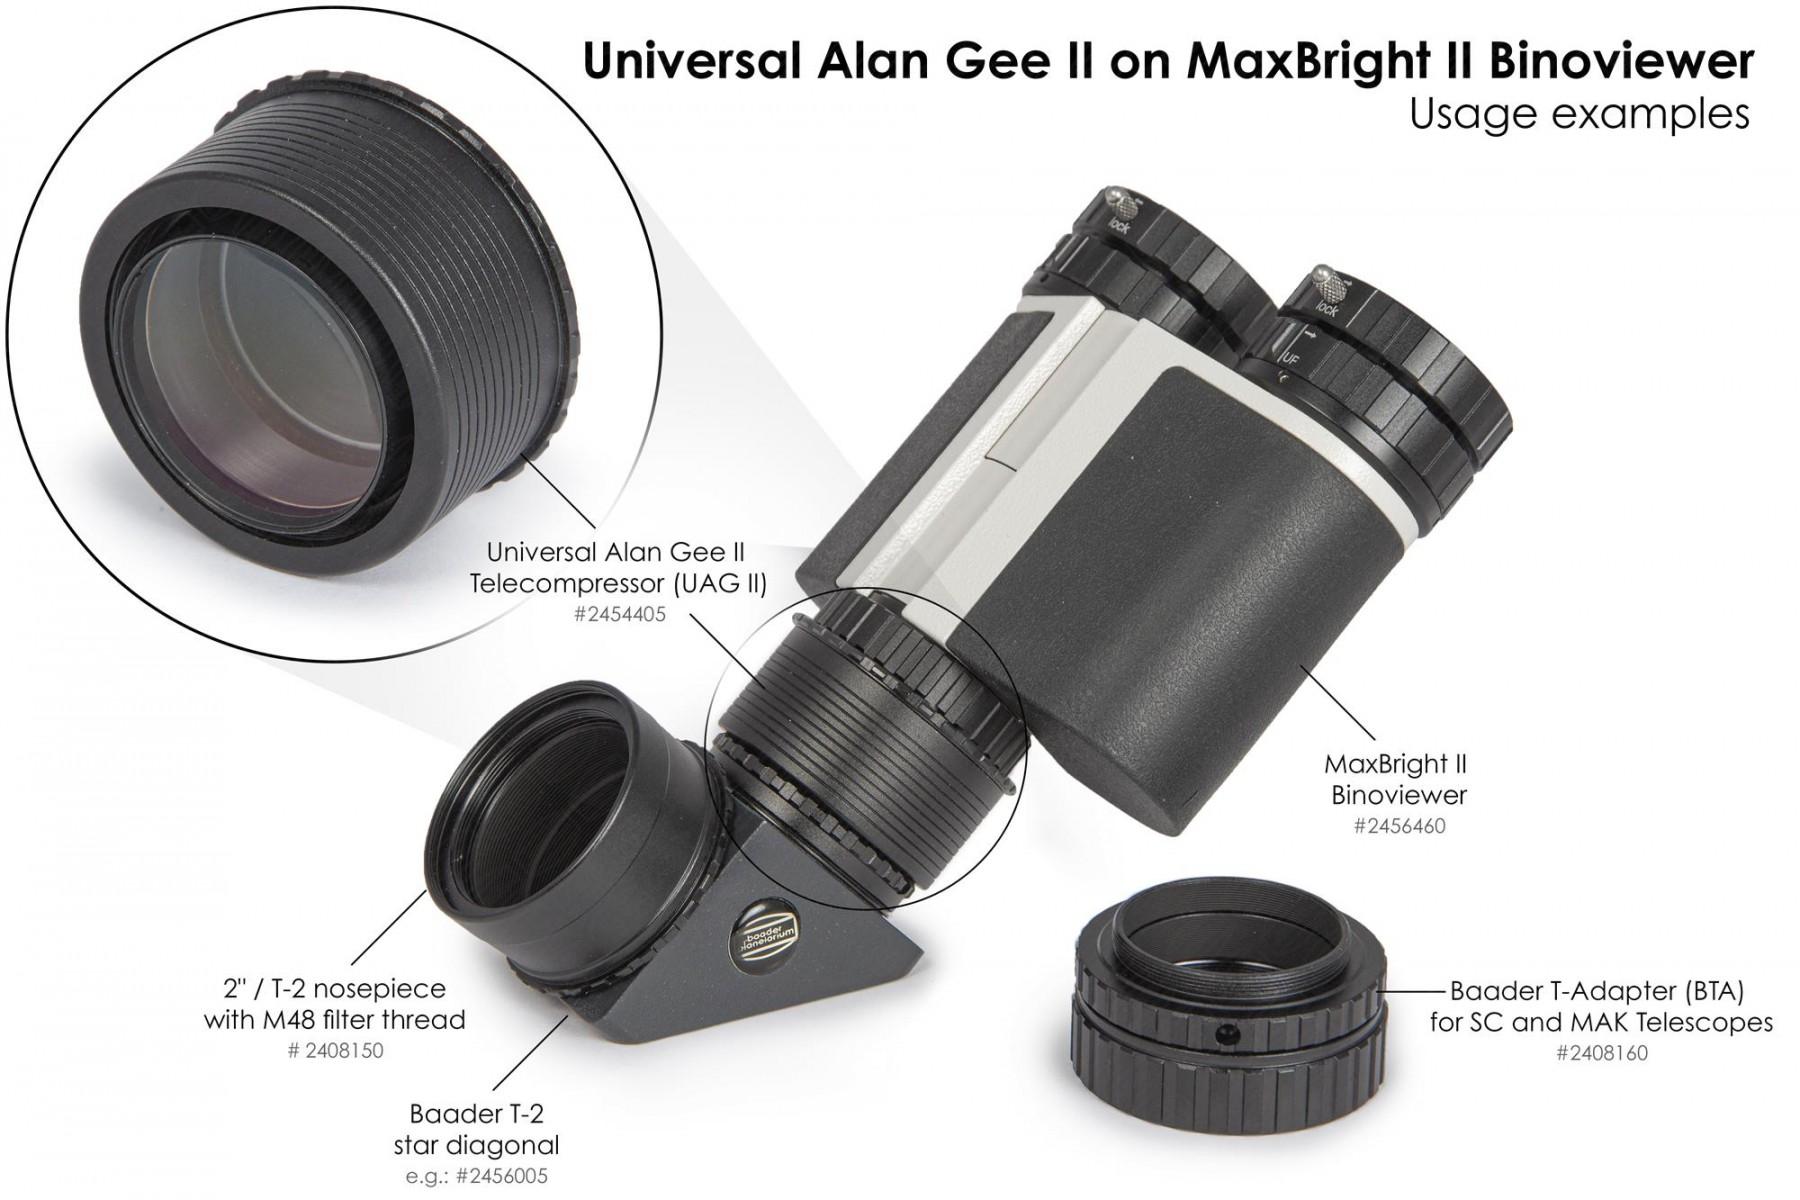 """Anwendungsbild: Universal Alan Gee II #2454405 - Maxbright #2456460 SetUp mit 2""""/T-2 Steckanschluss mit M48 Filtergewinde #2408150, T-2 Zenitspiegel #2456005 und BTA für SC und MAK Teleskope #2408160"""